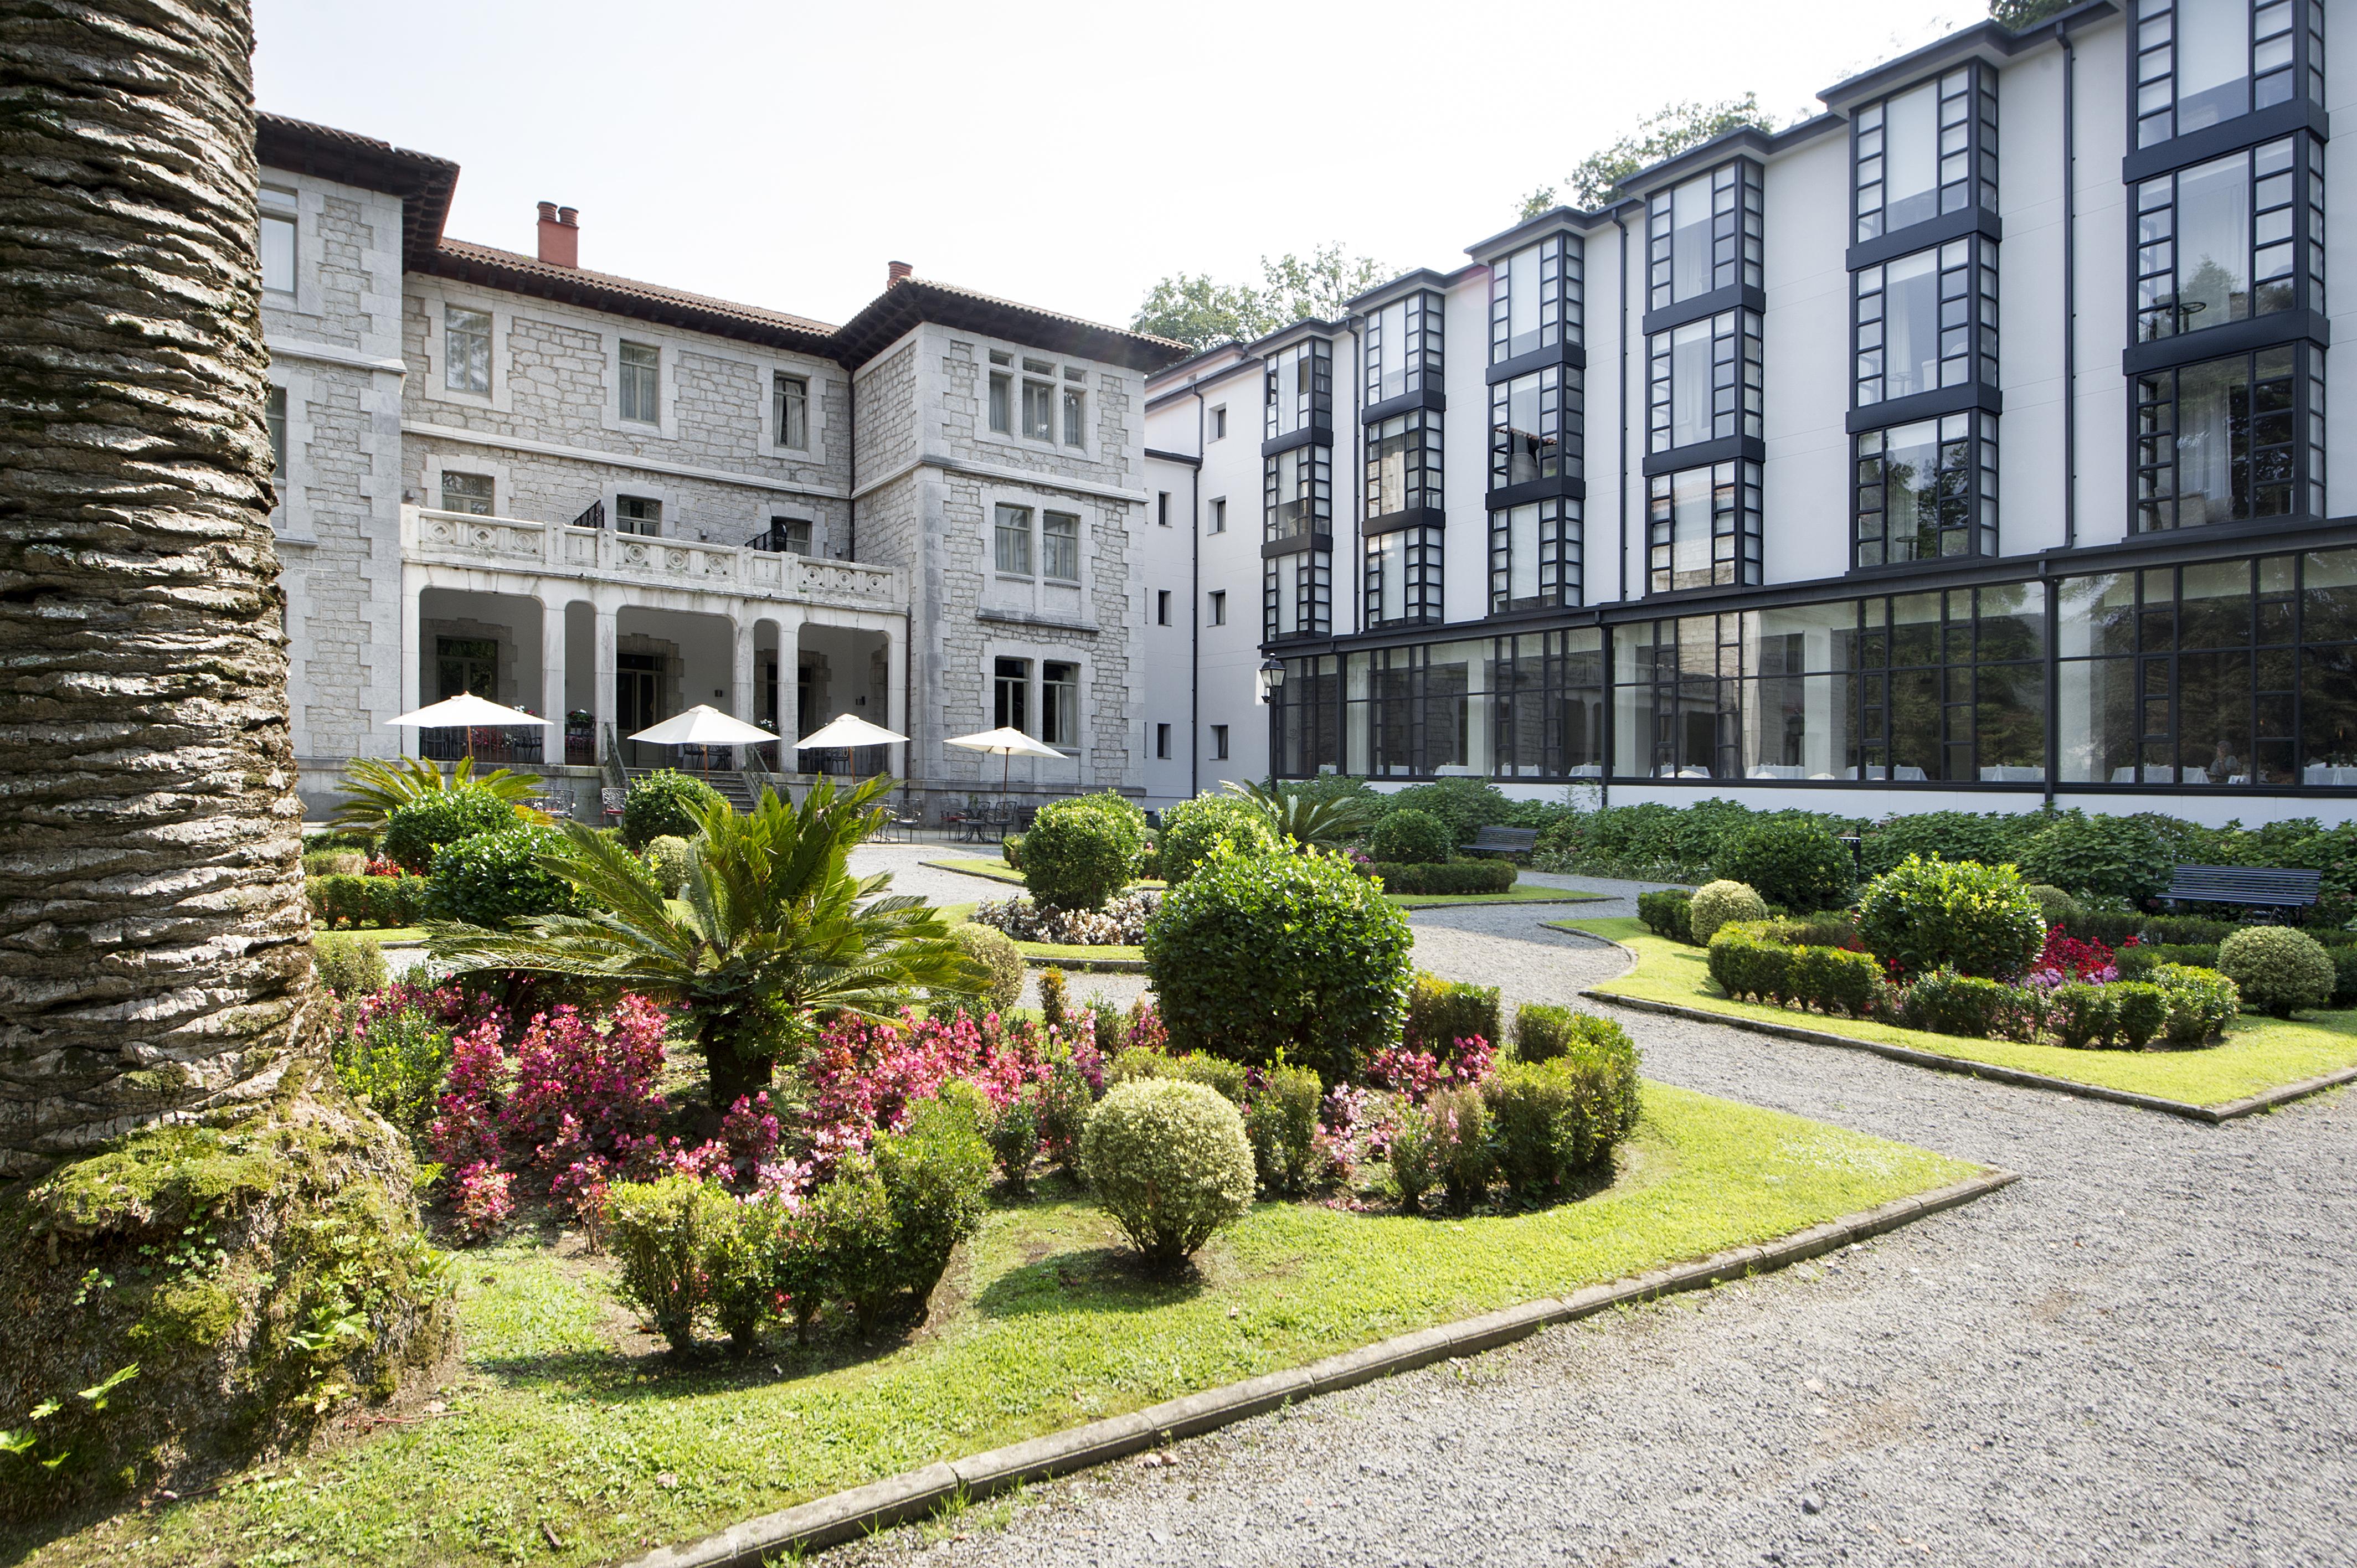 Hoteles con piscina cubierta en cantabria provincia espa a viajes el corte ingl s - Hoteles en cantabria con piscina ...